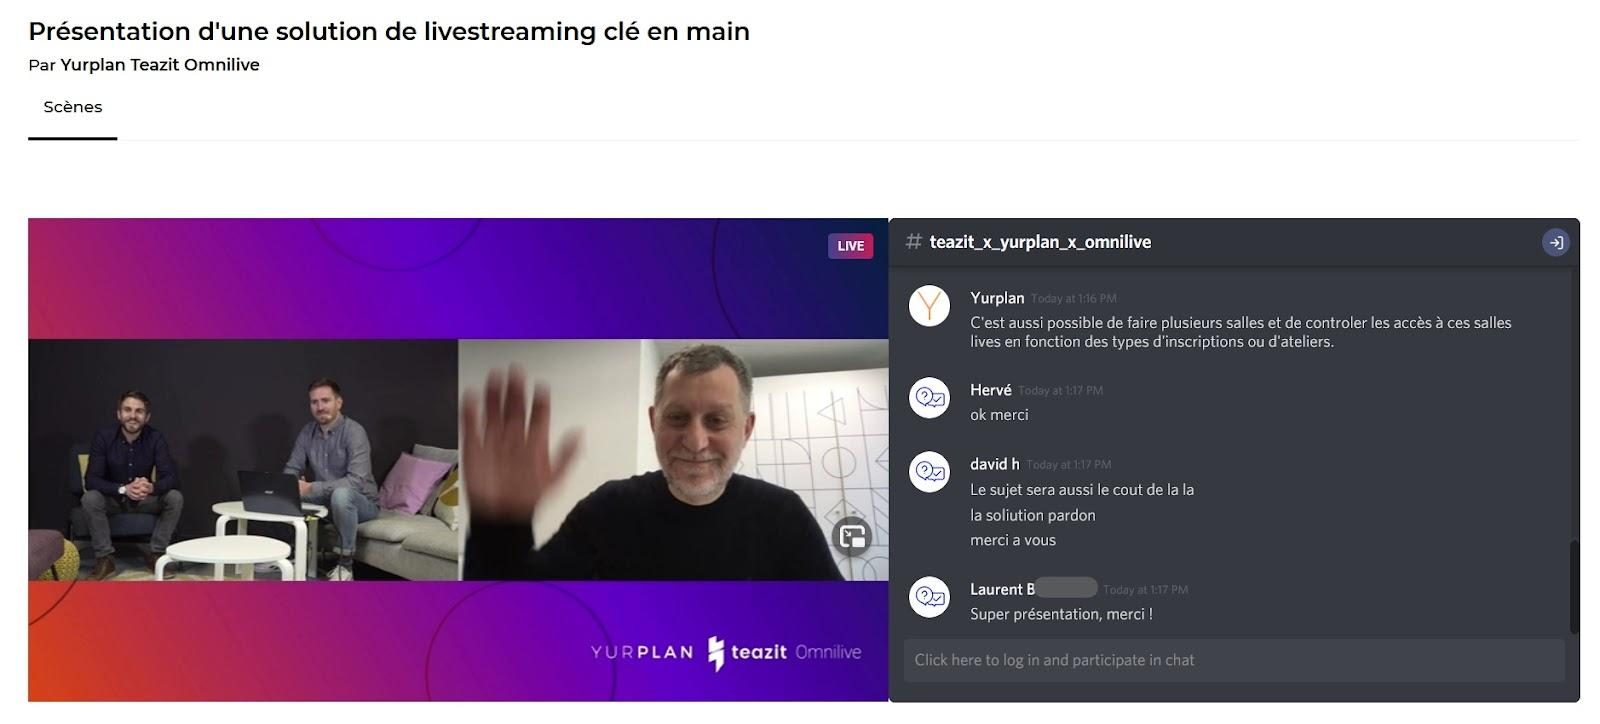 capture d'écran lors du webinaire de présentation de Yurplan Teazit et Omnilive.